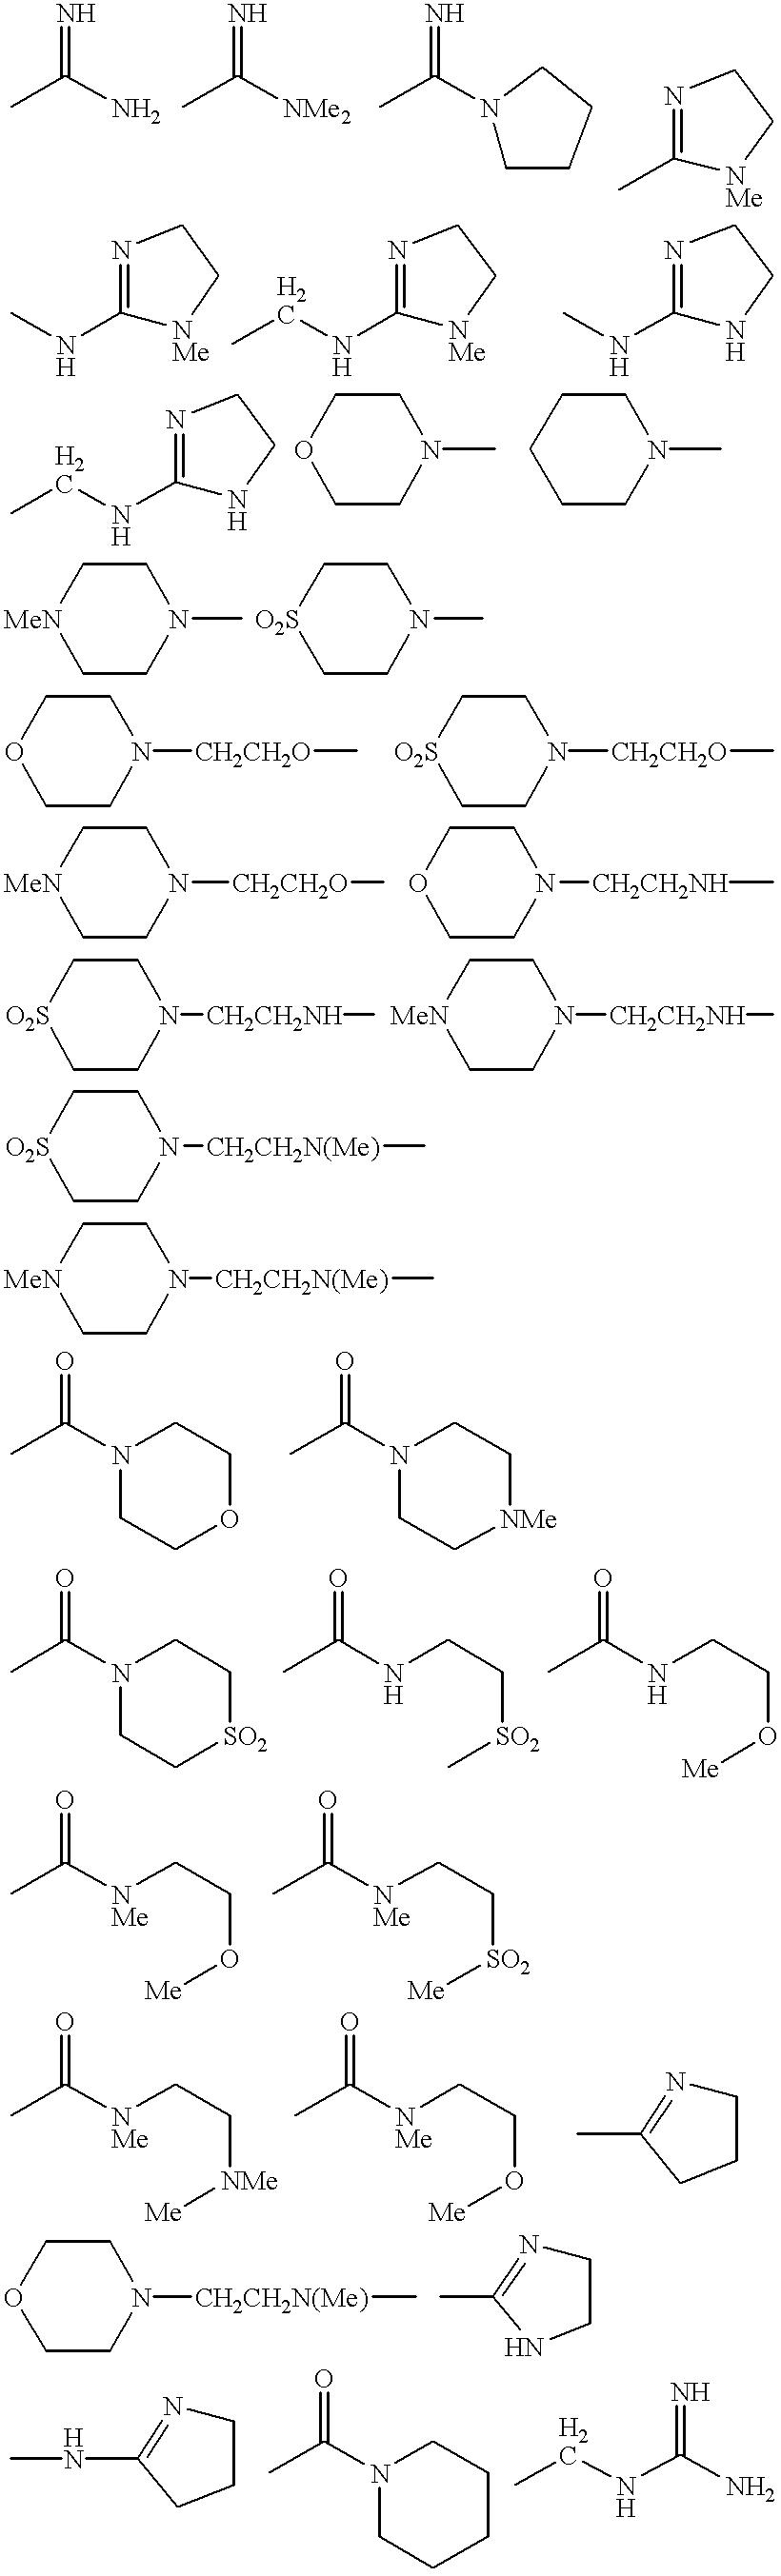 Figure US06376515-20020423-C00027